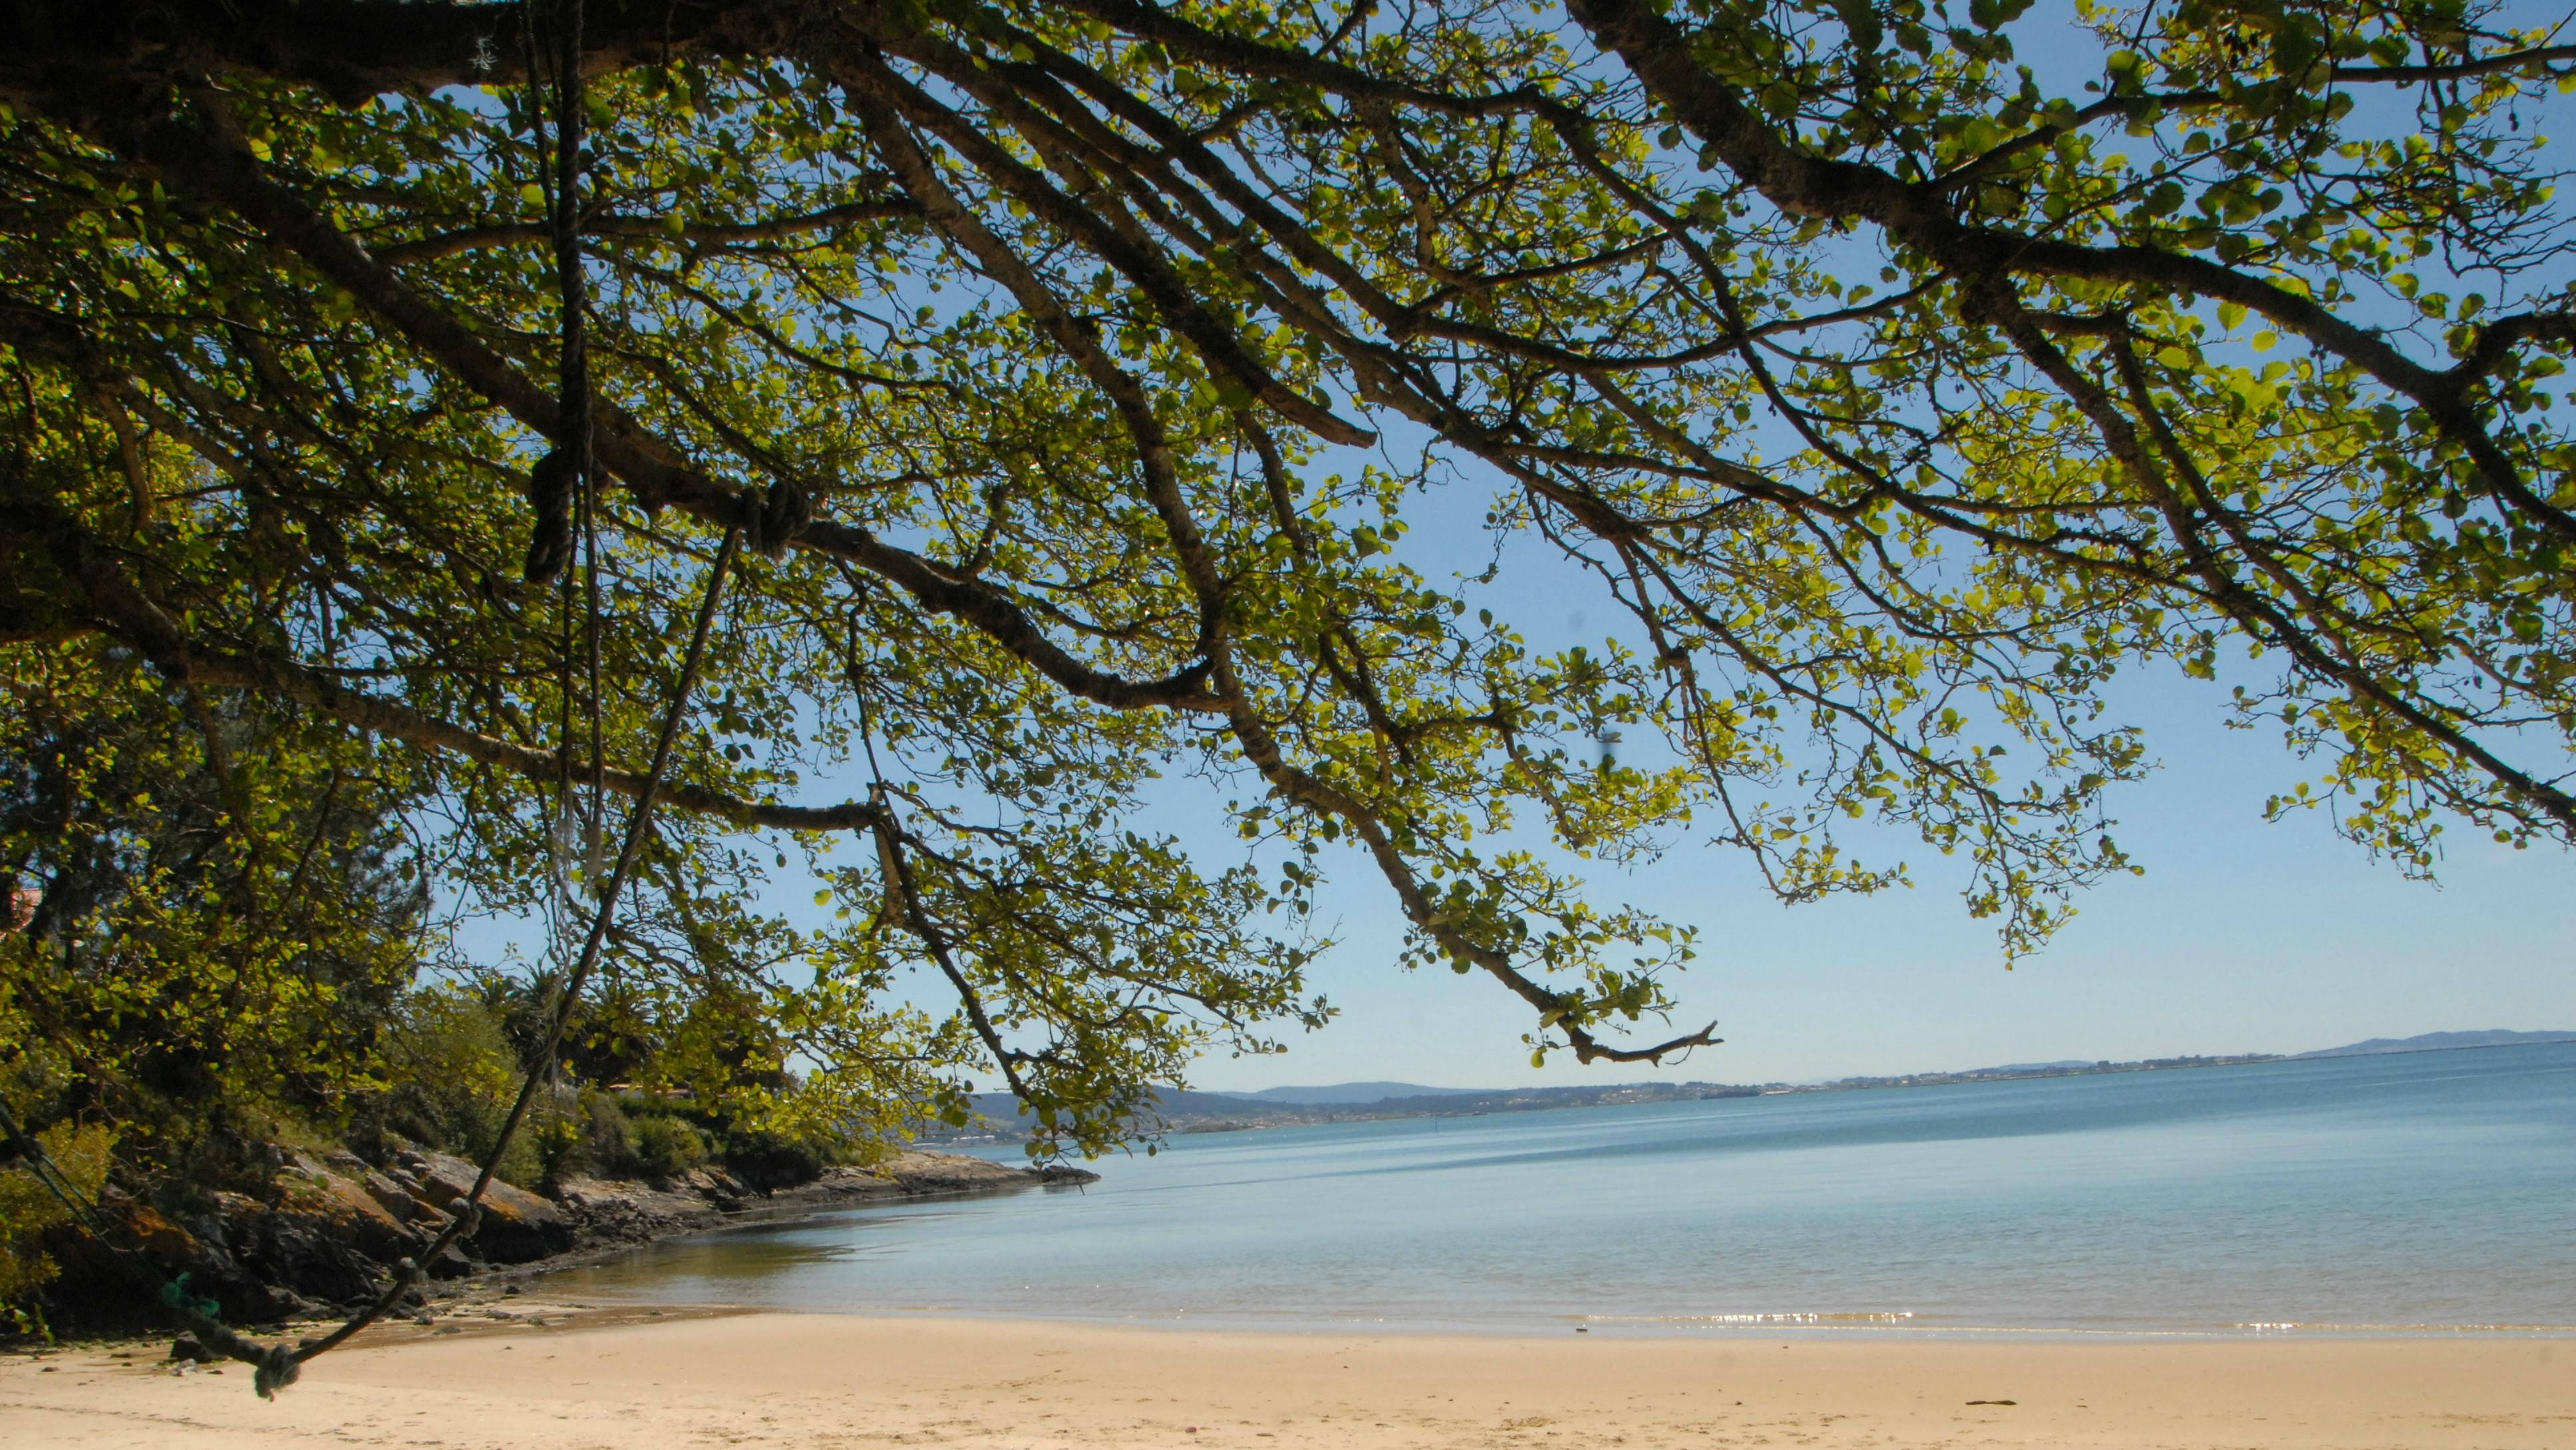 A idílica praia de Tronco, de augas cristalinas e que ofrece intimidade e beleza a partes iguais